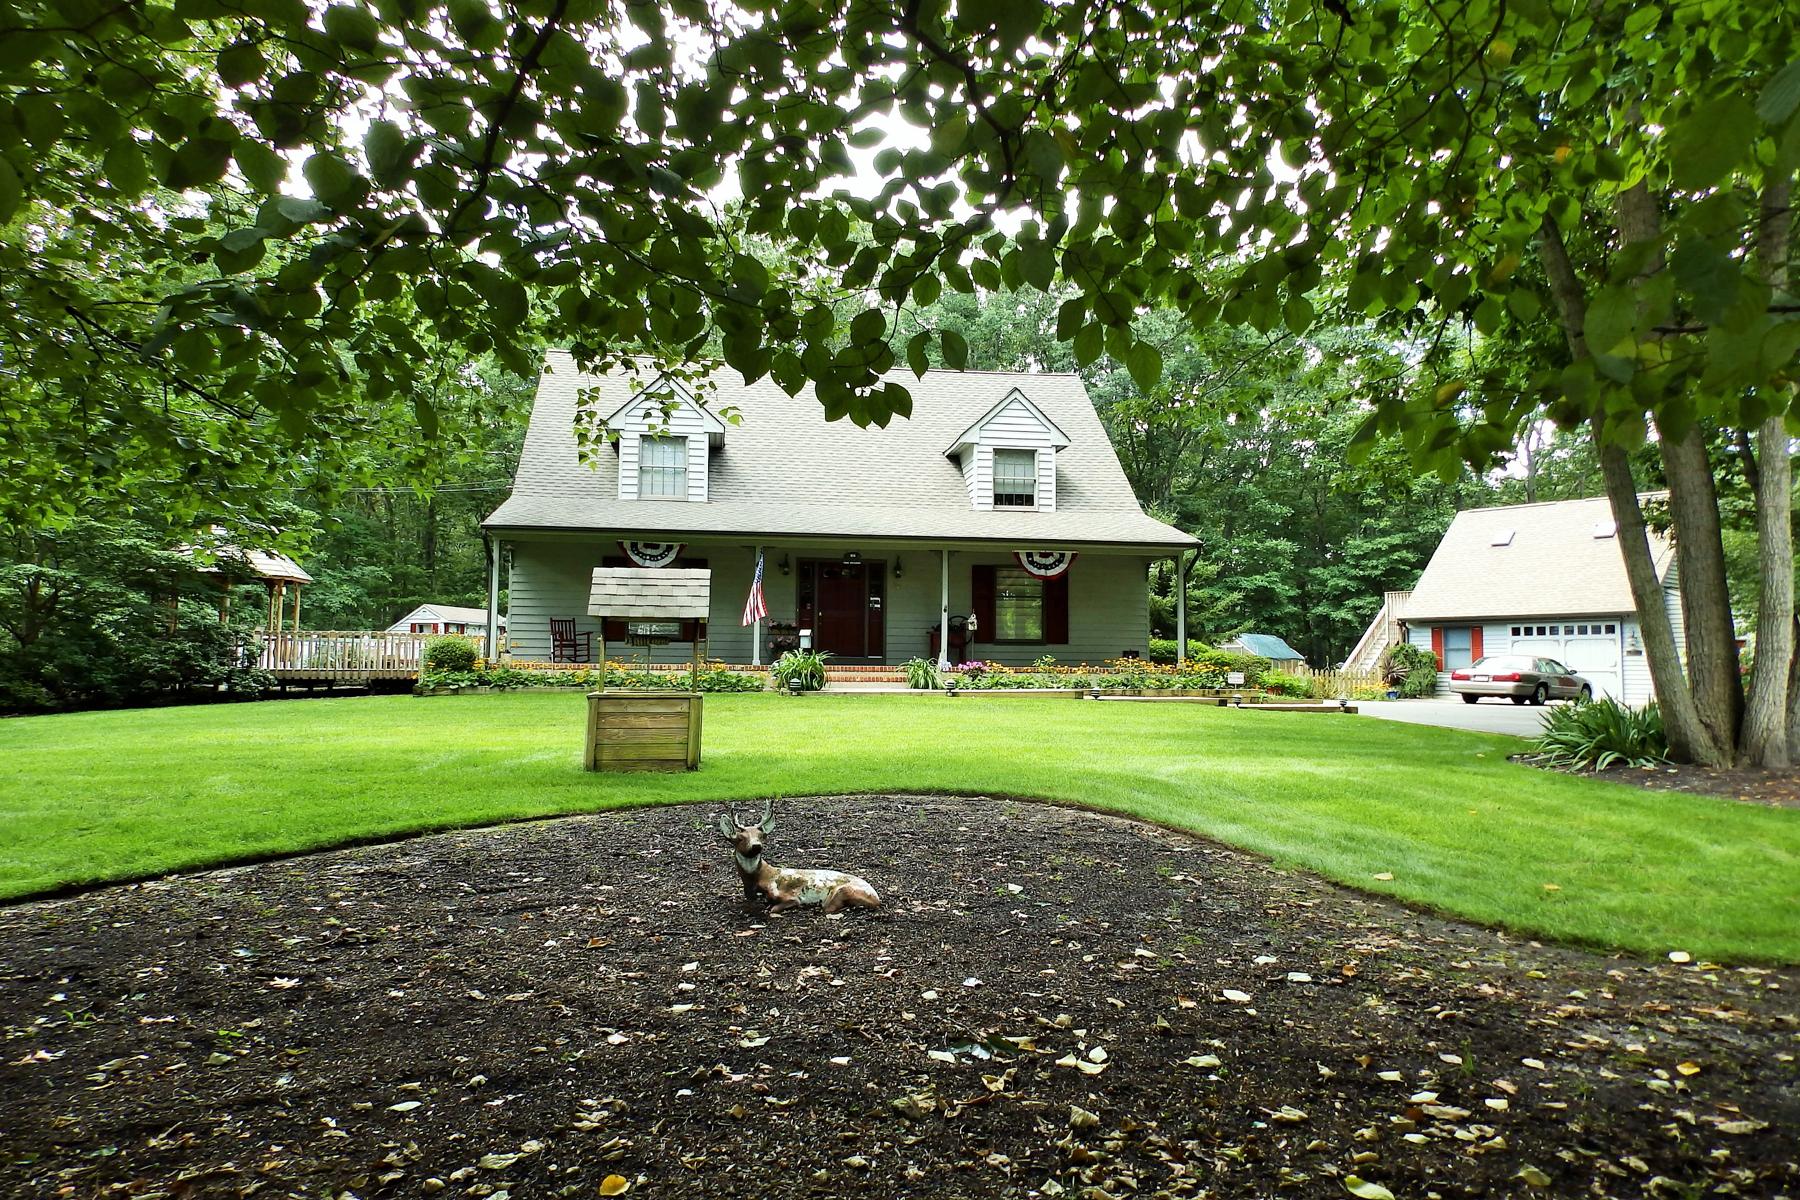 独户住宅 为 销售 在 Enjoy Country Living! 26 Shenandoah Avenue 曼彻斯特, 新泽西州 08759 美国